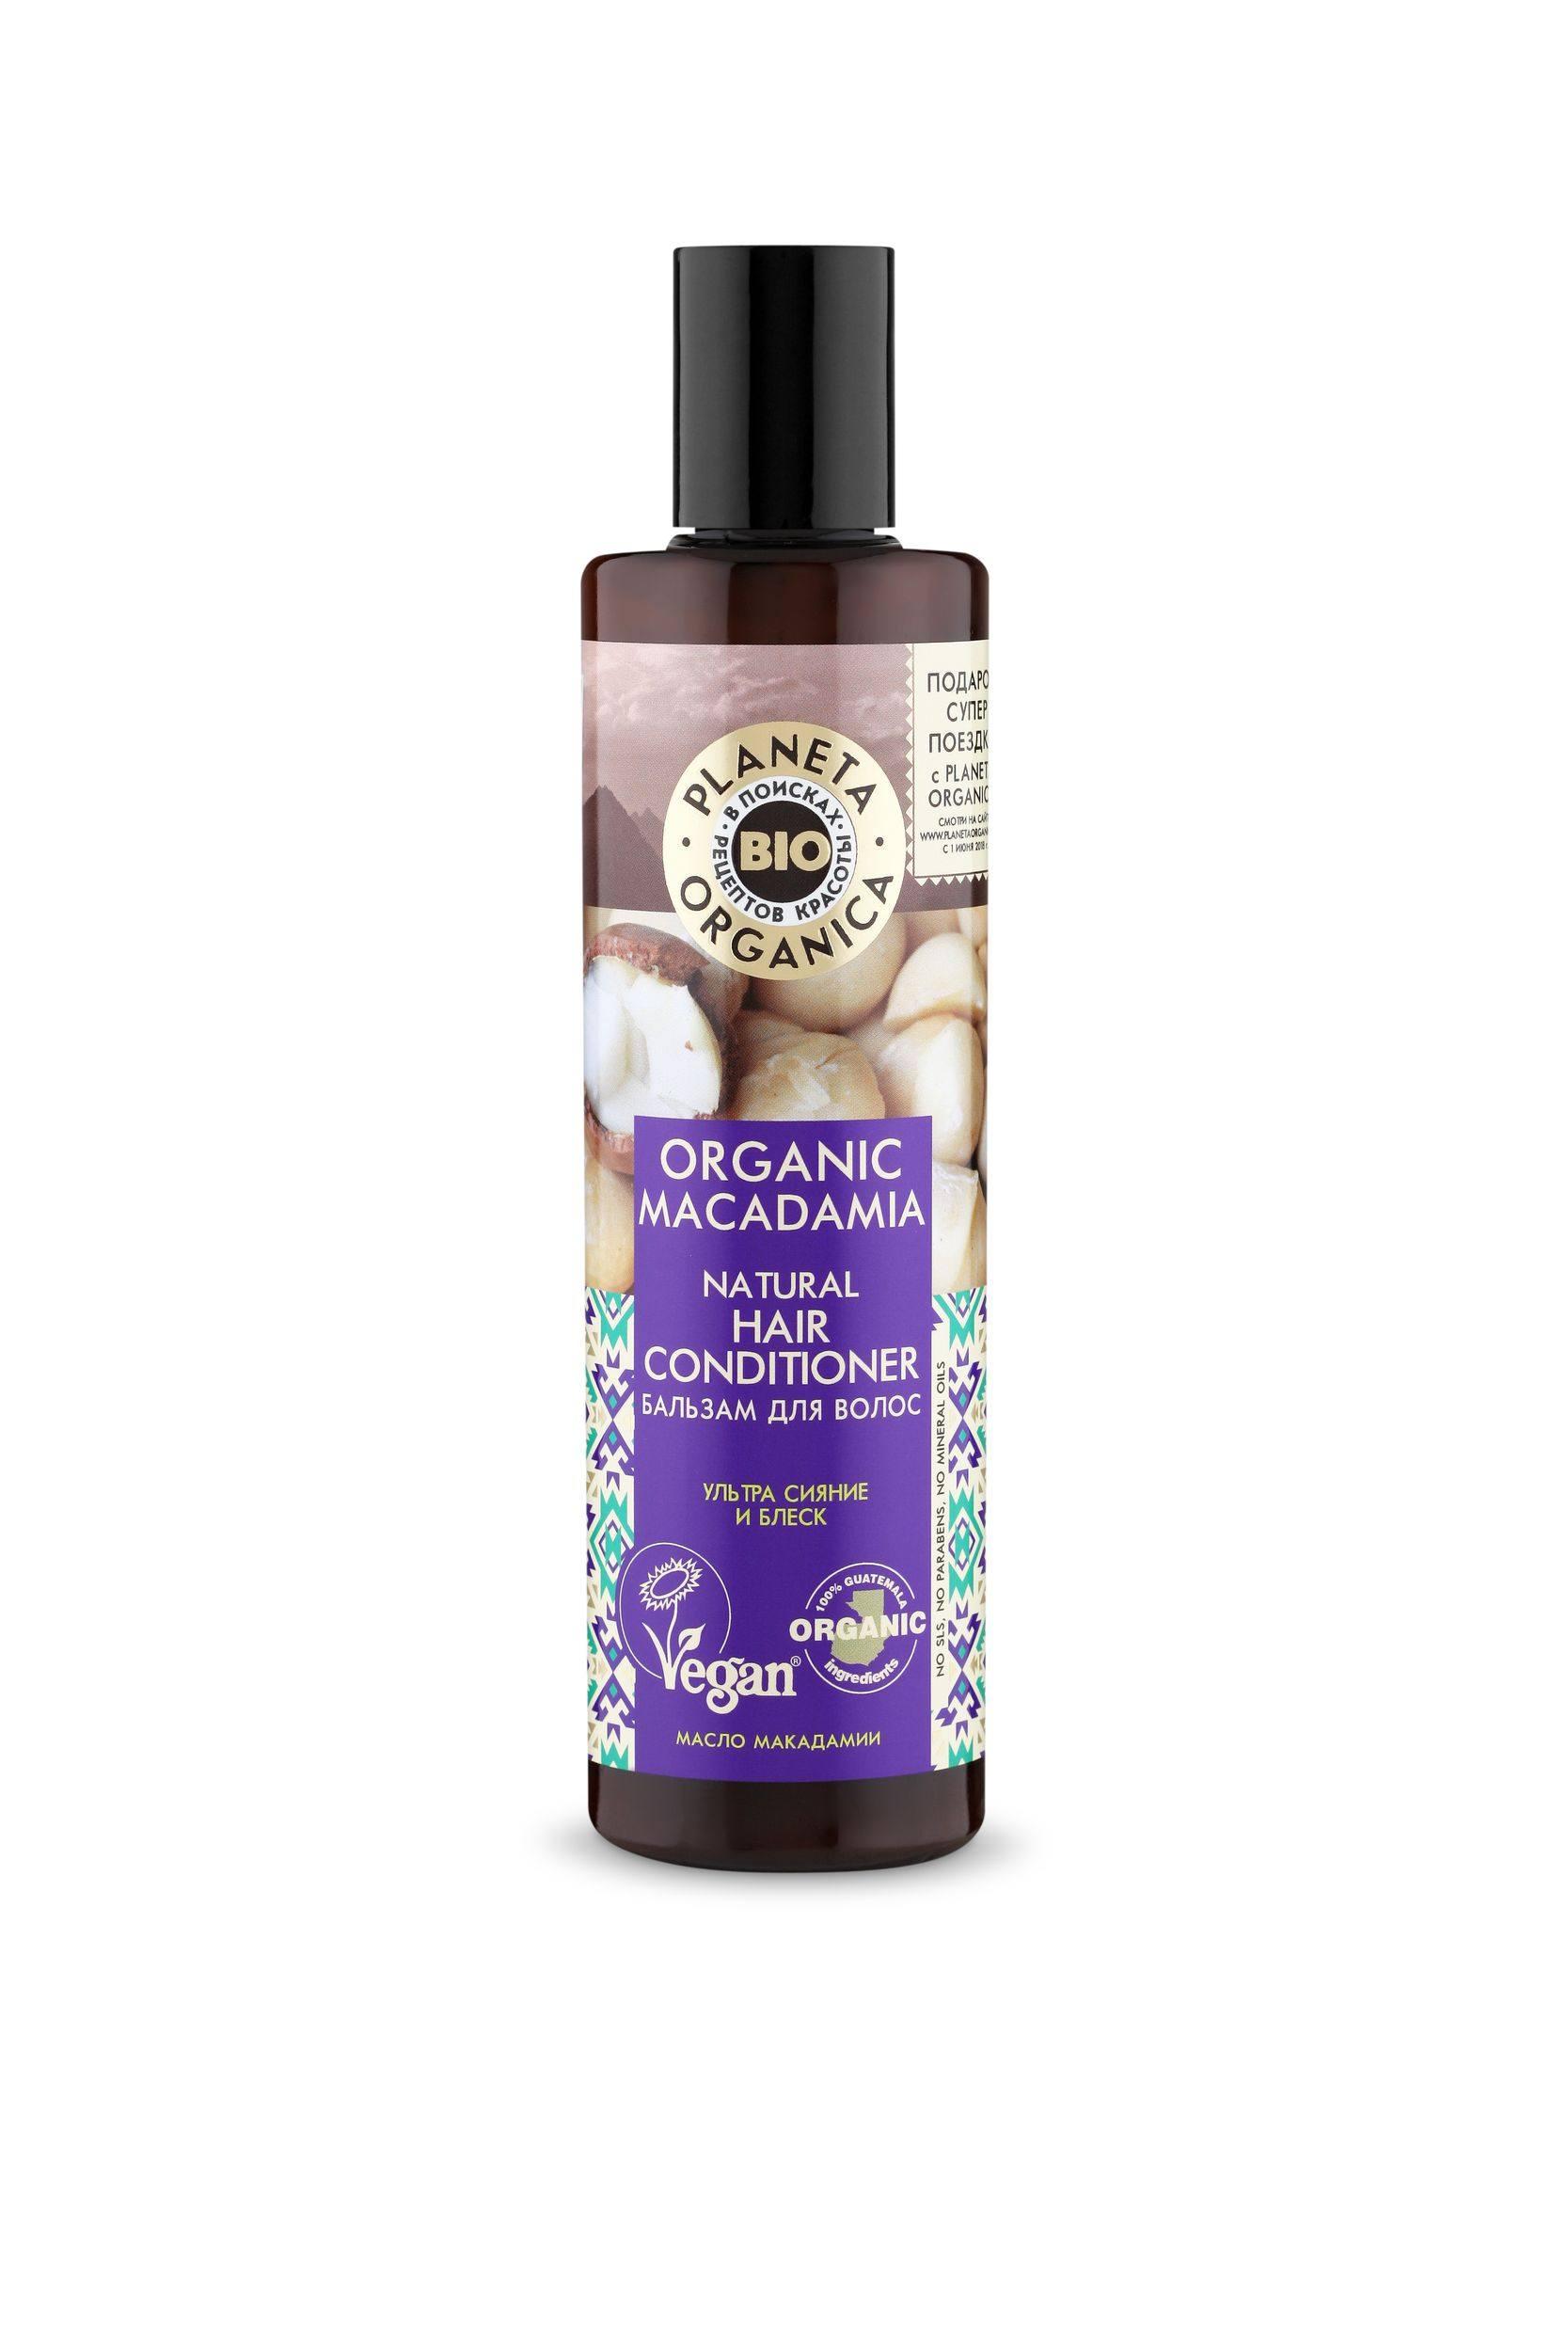 Купить Planeta Organica Organic macadamia Бальзам для волос Ультра сияние и блеск ., 280 мл (shop: Organic-shops Organic shops)